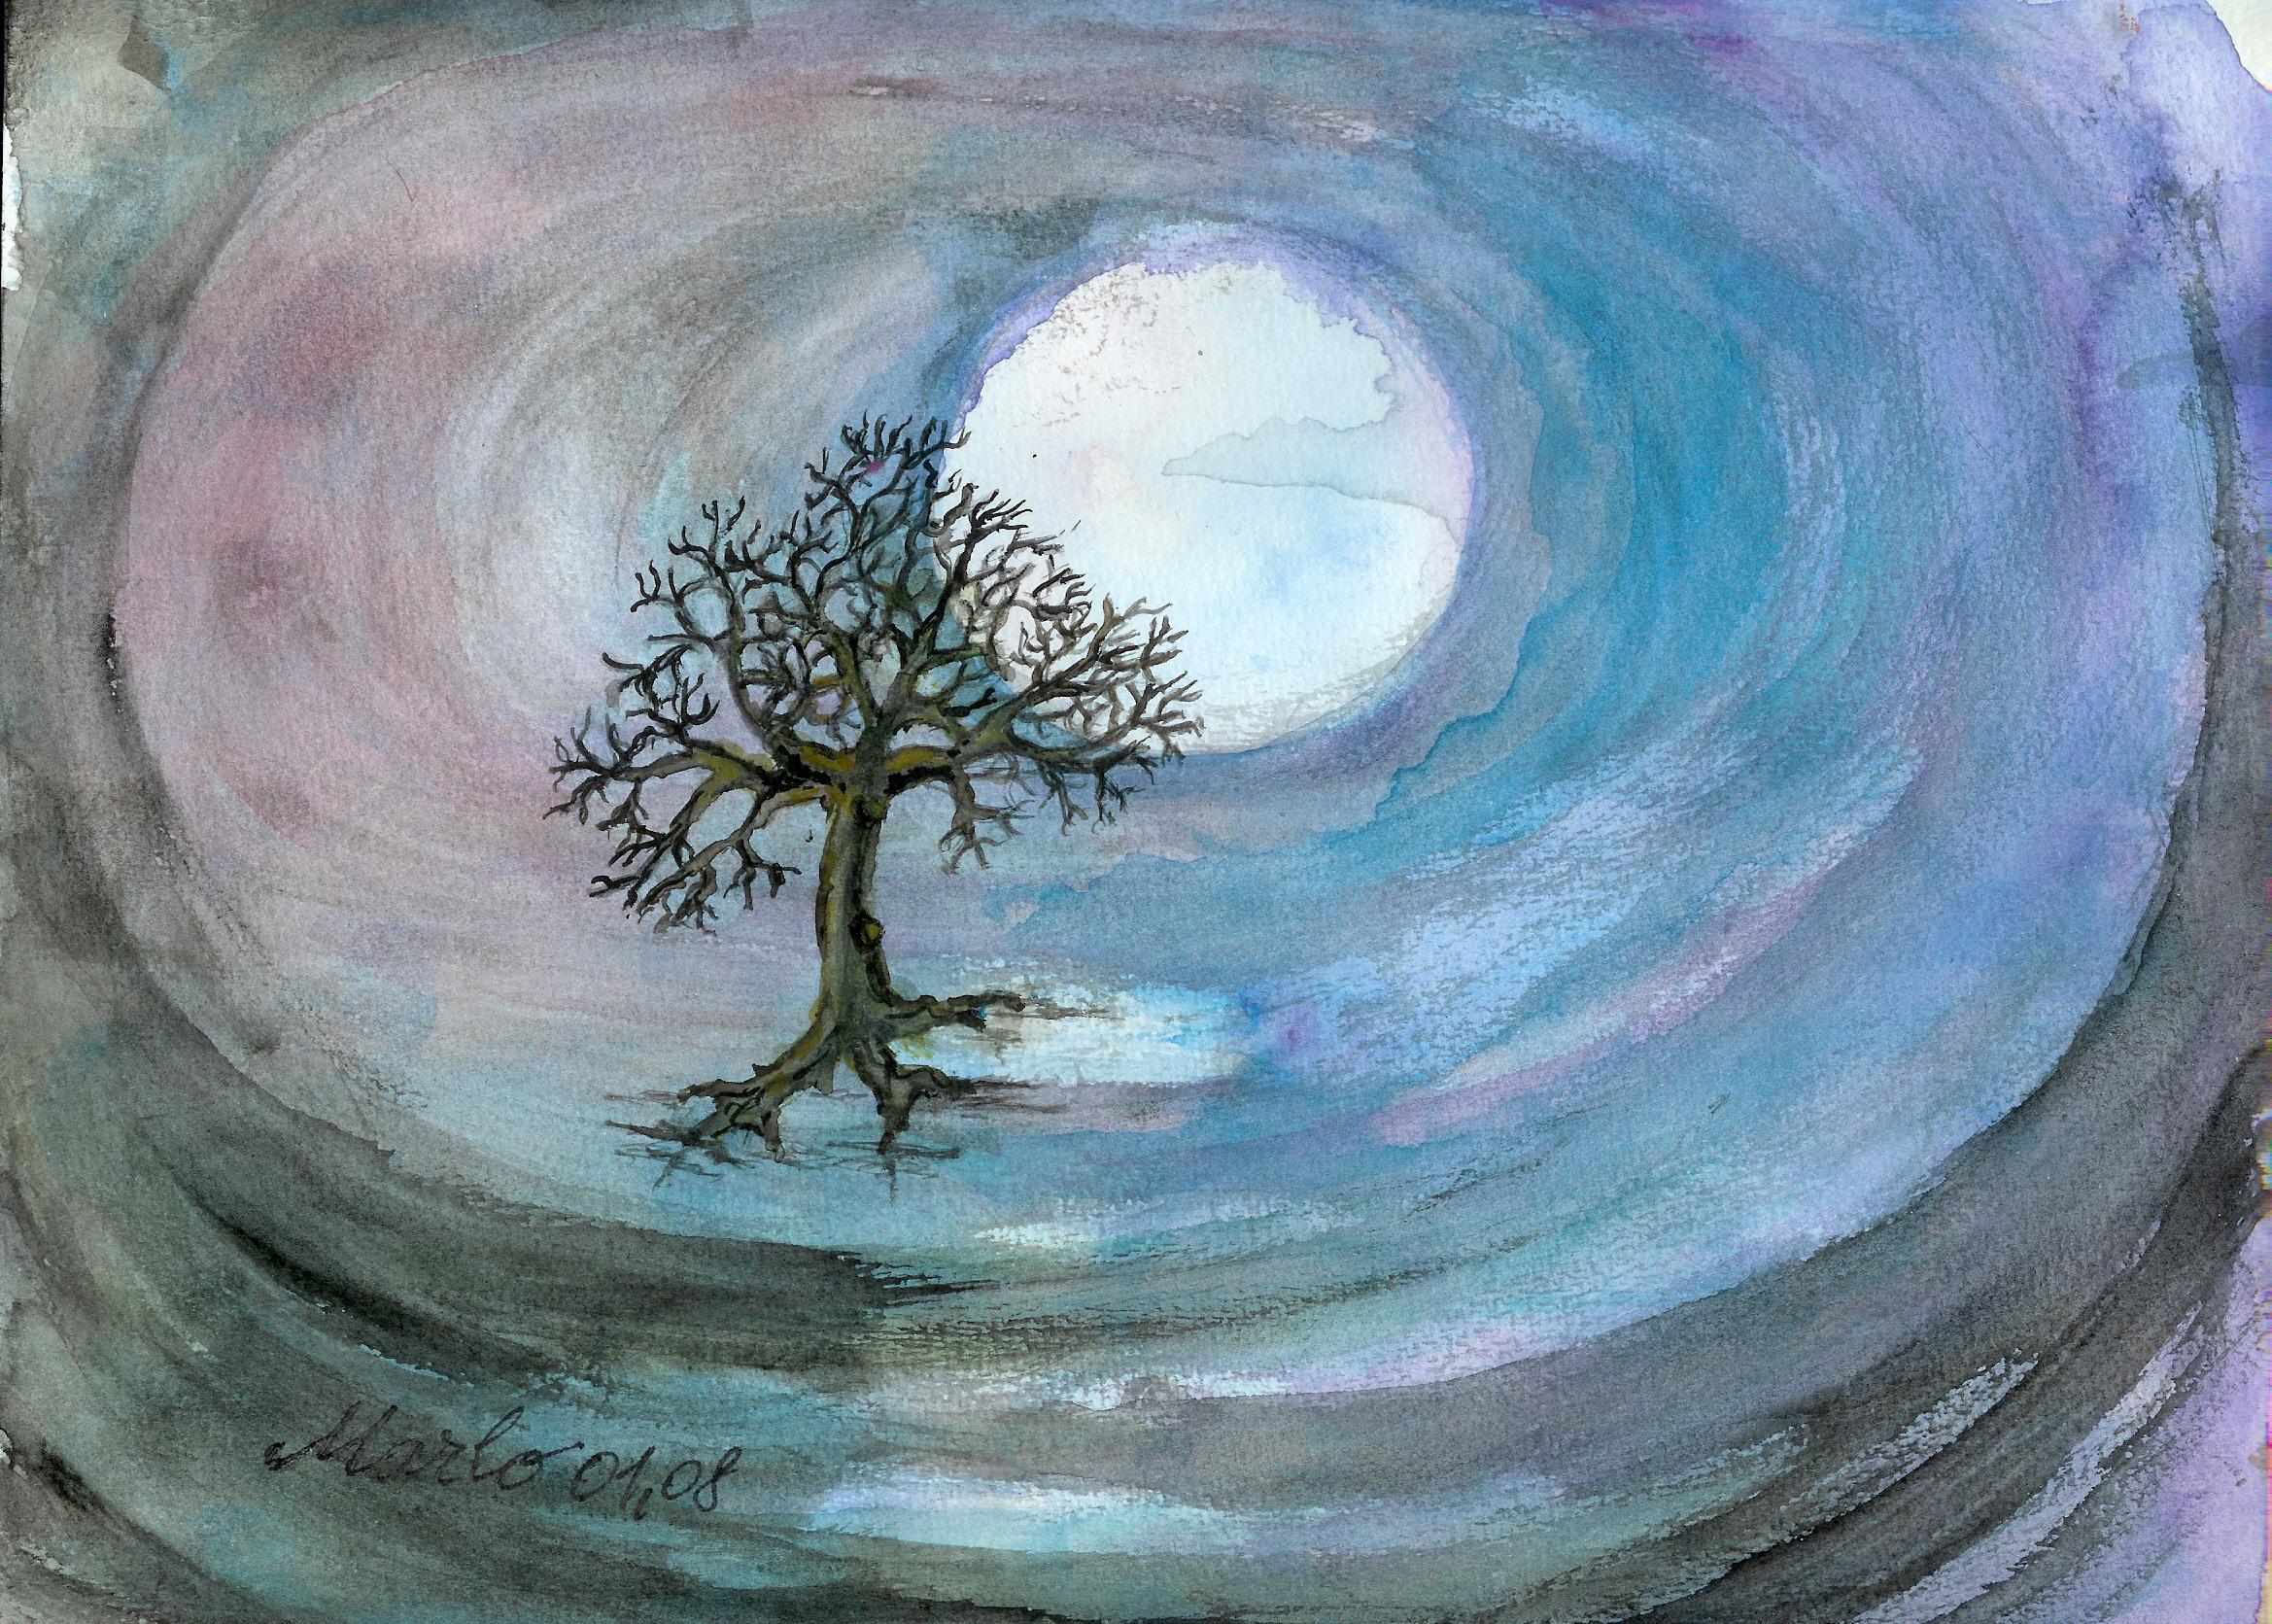 solitude-01-2008